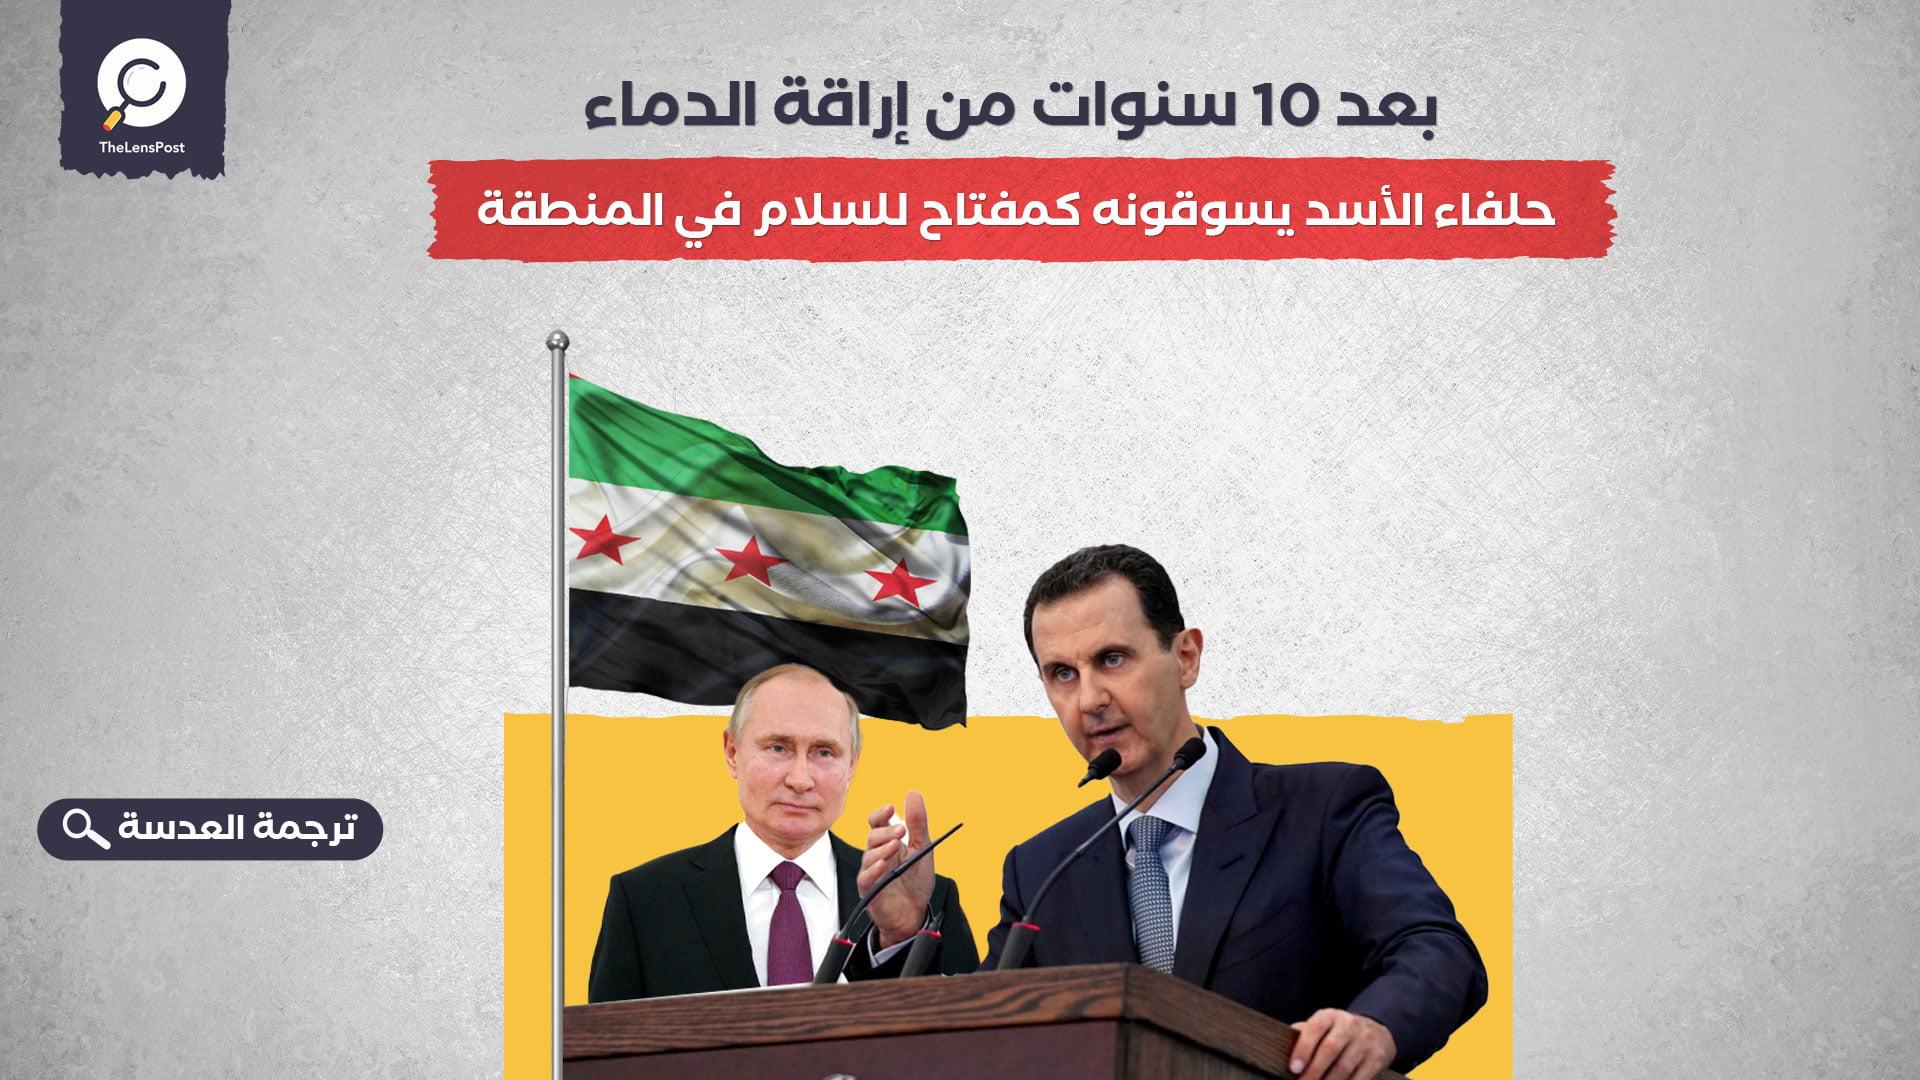 بعد 10 سنوات من إراقة الدماء... حلفاء الأسد يسوقونه كمفتاح للسلام في المنطقة